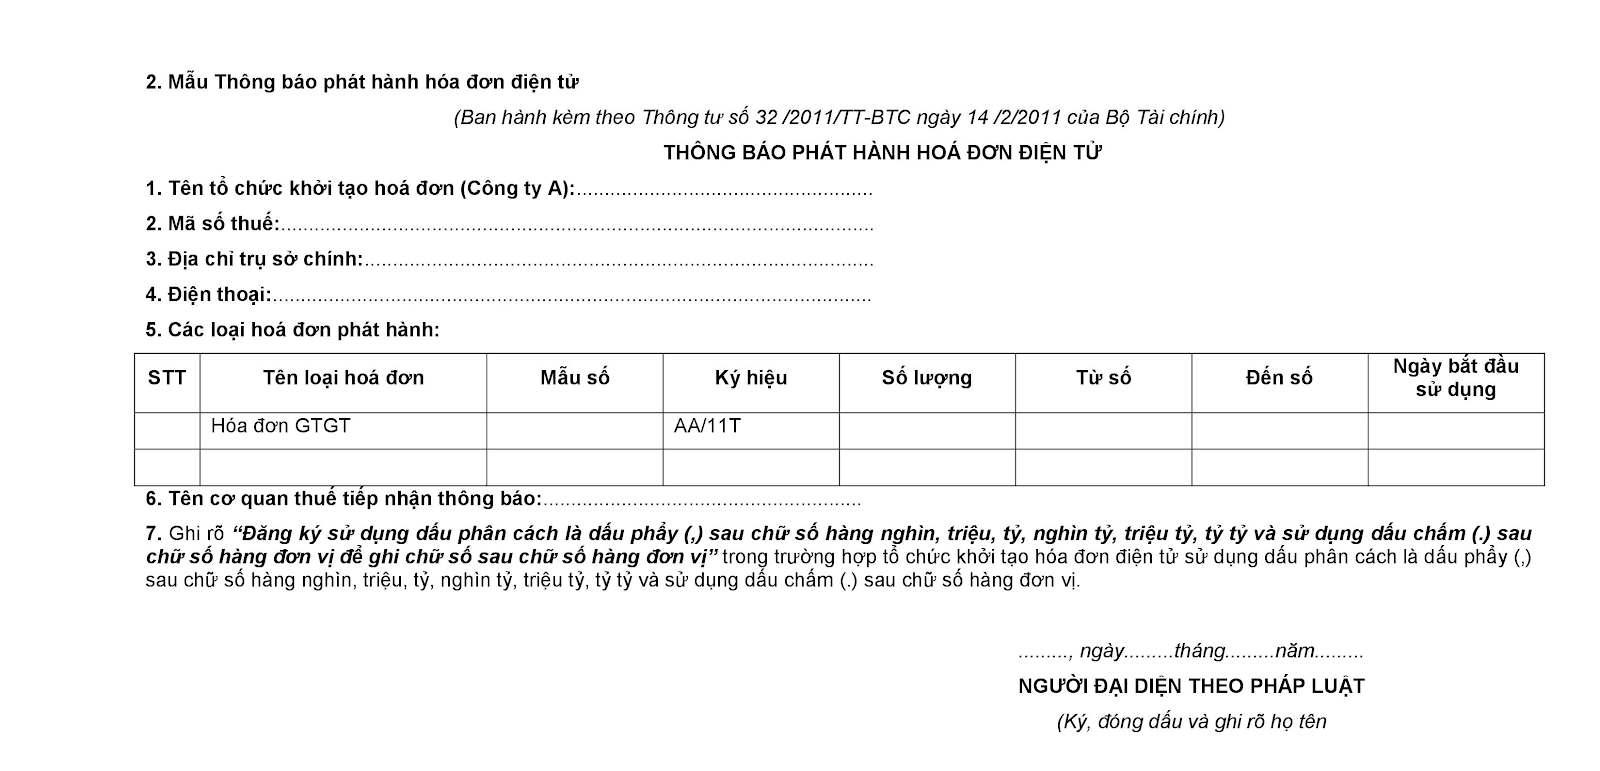 Mẫu số 2: Mẫu thông báo phát hành hóa đơn điện tử (Phụ lục ban hành kèm theo Thông tư 32/2011/TT-BTC)